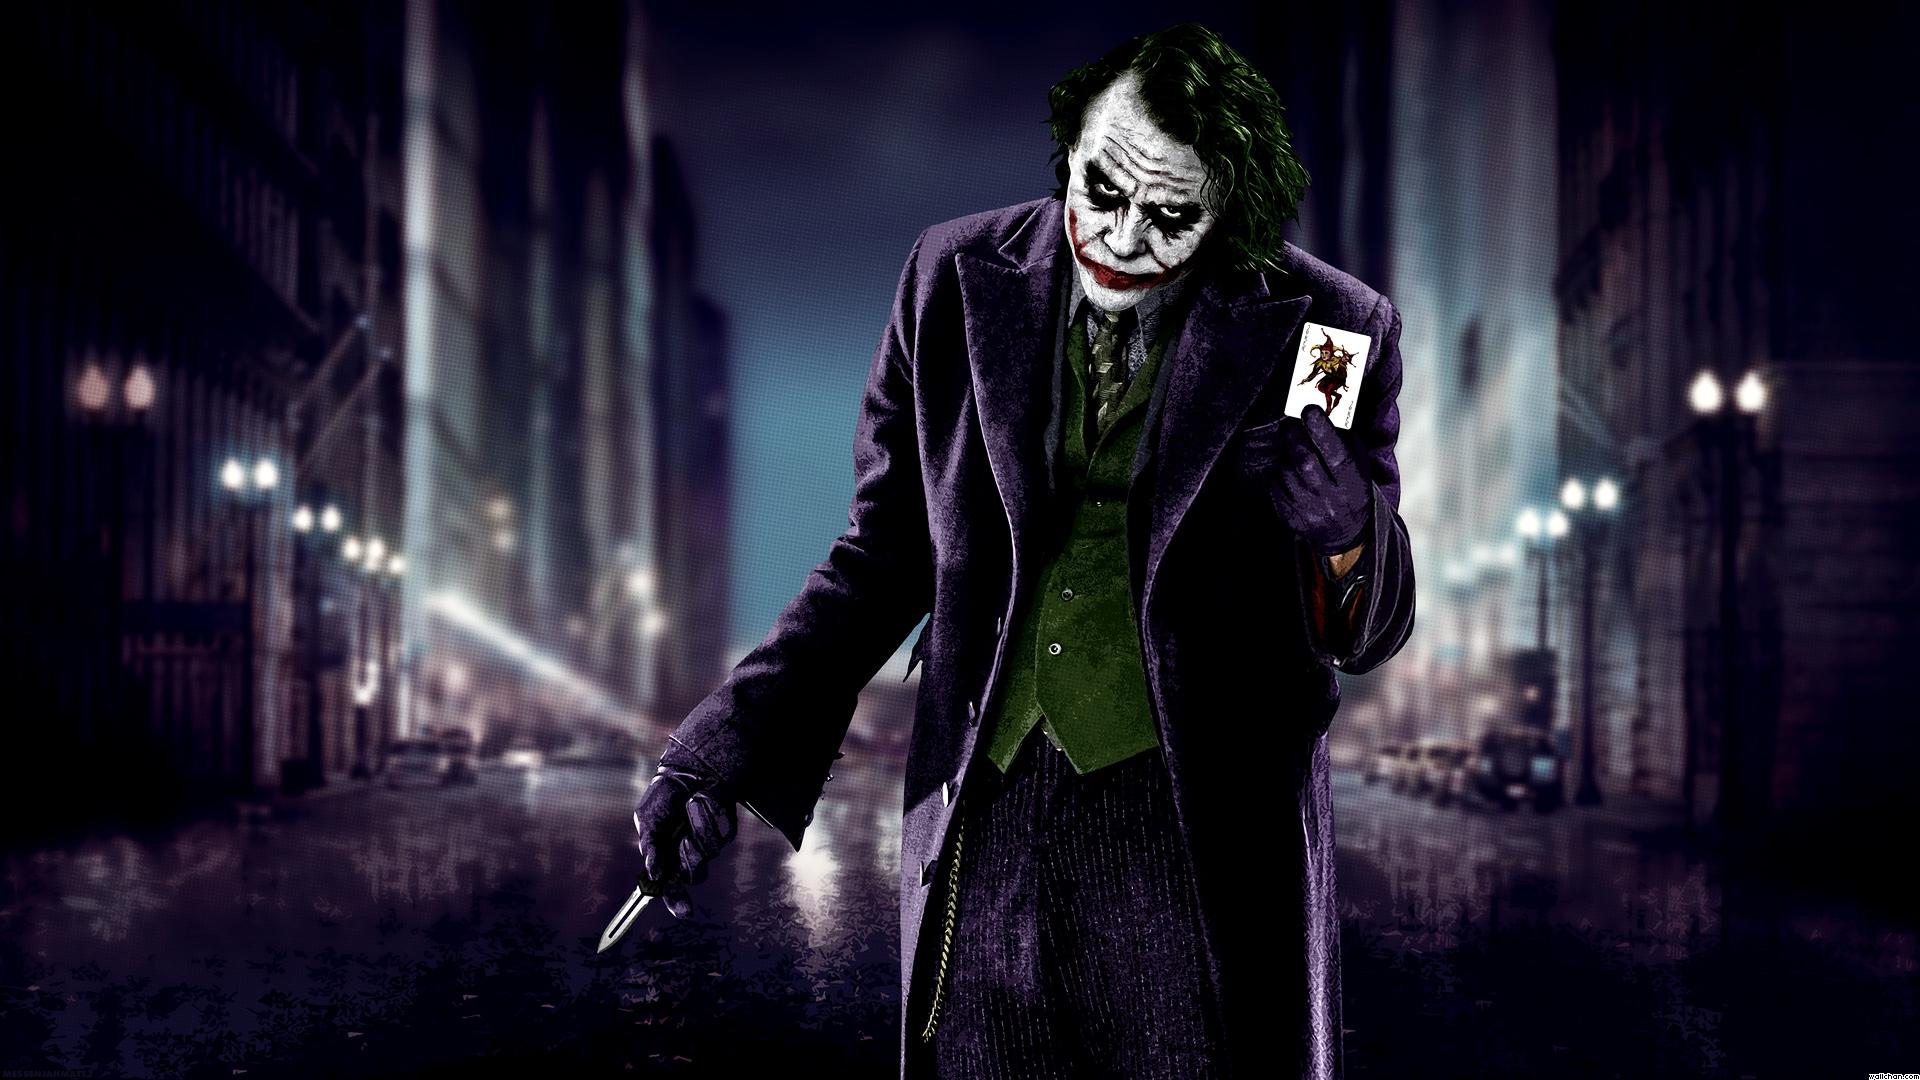 batman and jojer joker city   WallPaper 1920x1080